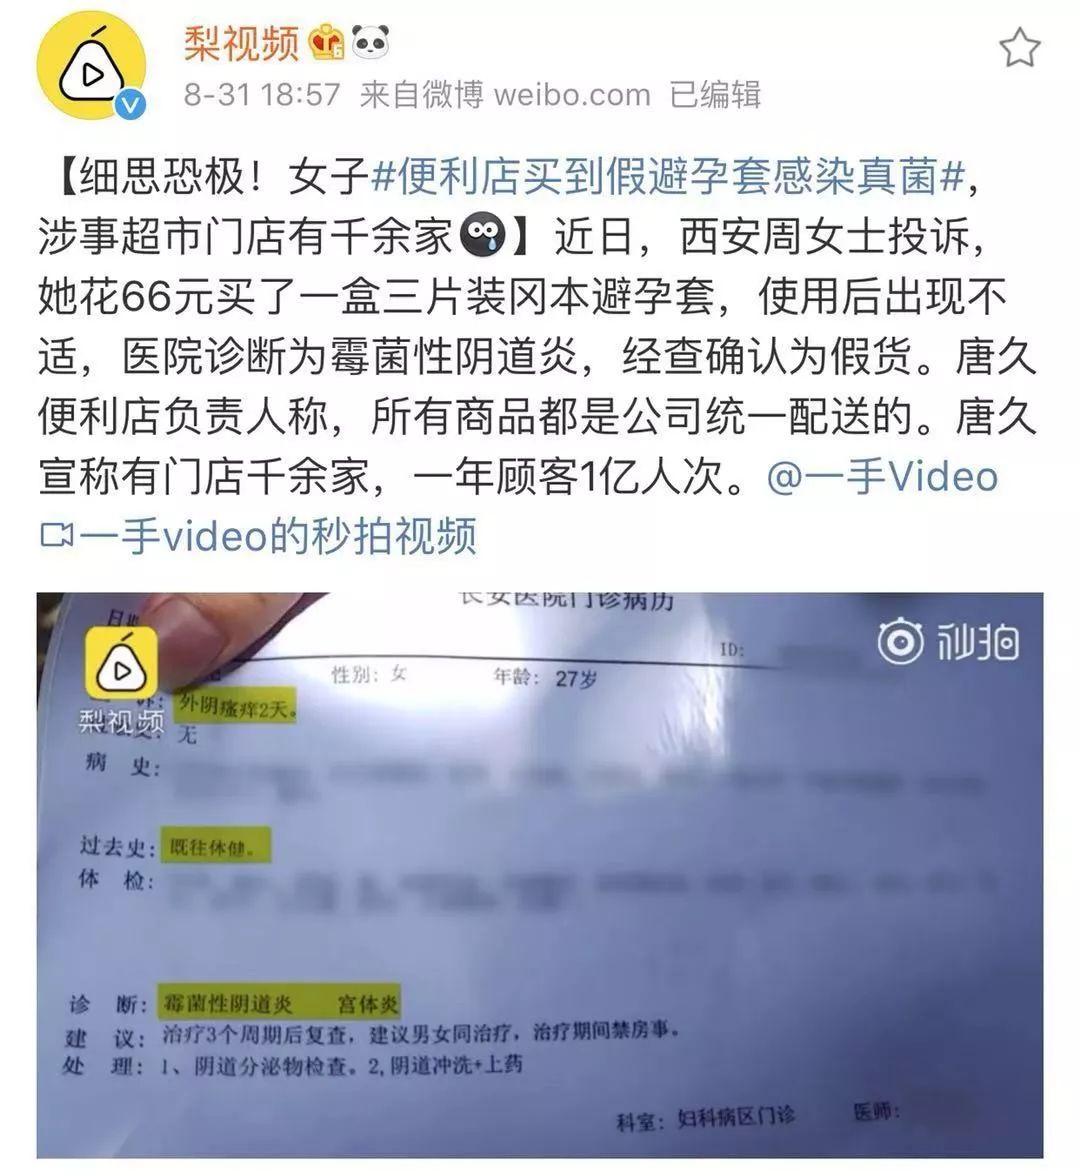 刘强东章泽天承认已离婚?!性侵案过去的第346天,奶茶妹妹终于做了一个艰难的决定……